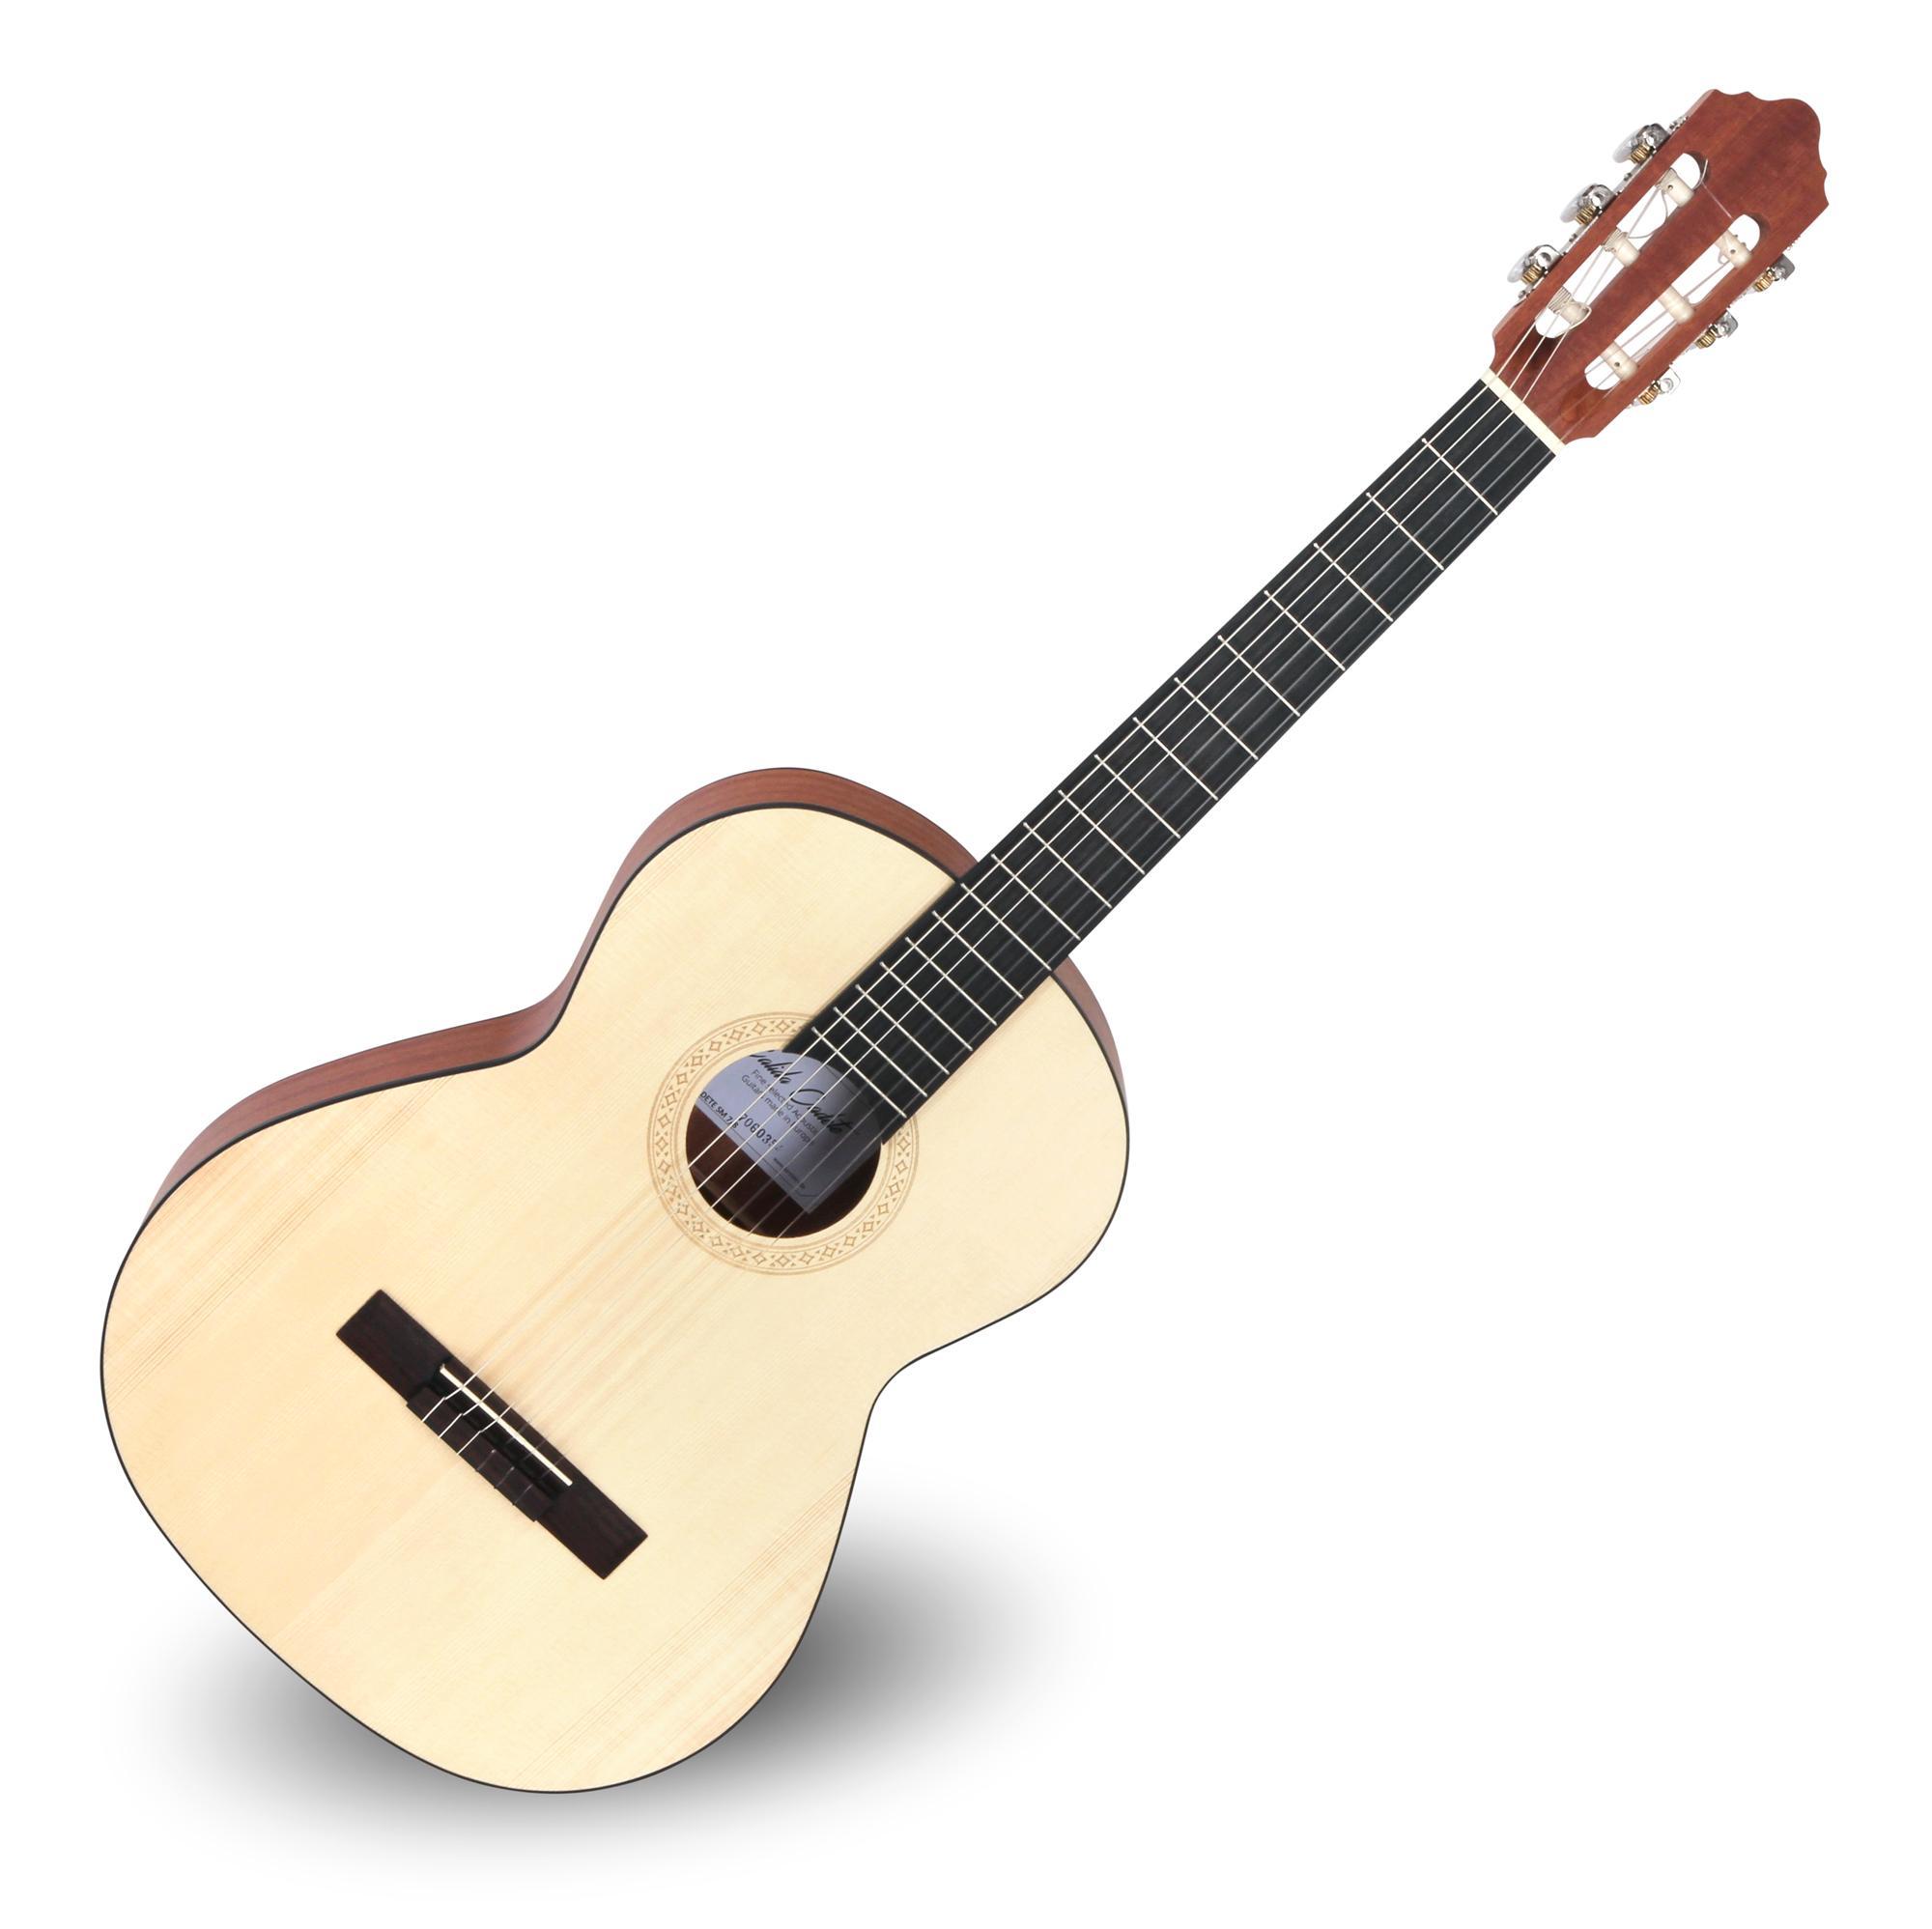 Calida Cadete Konzertgitarre 7 8 Fichte Matt Made in Portugal